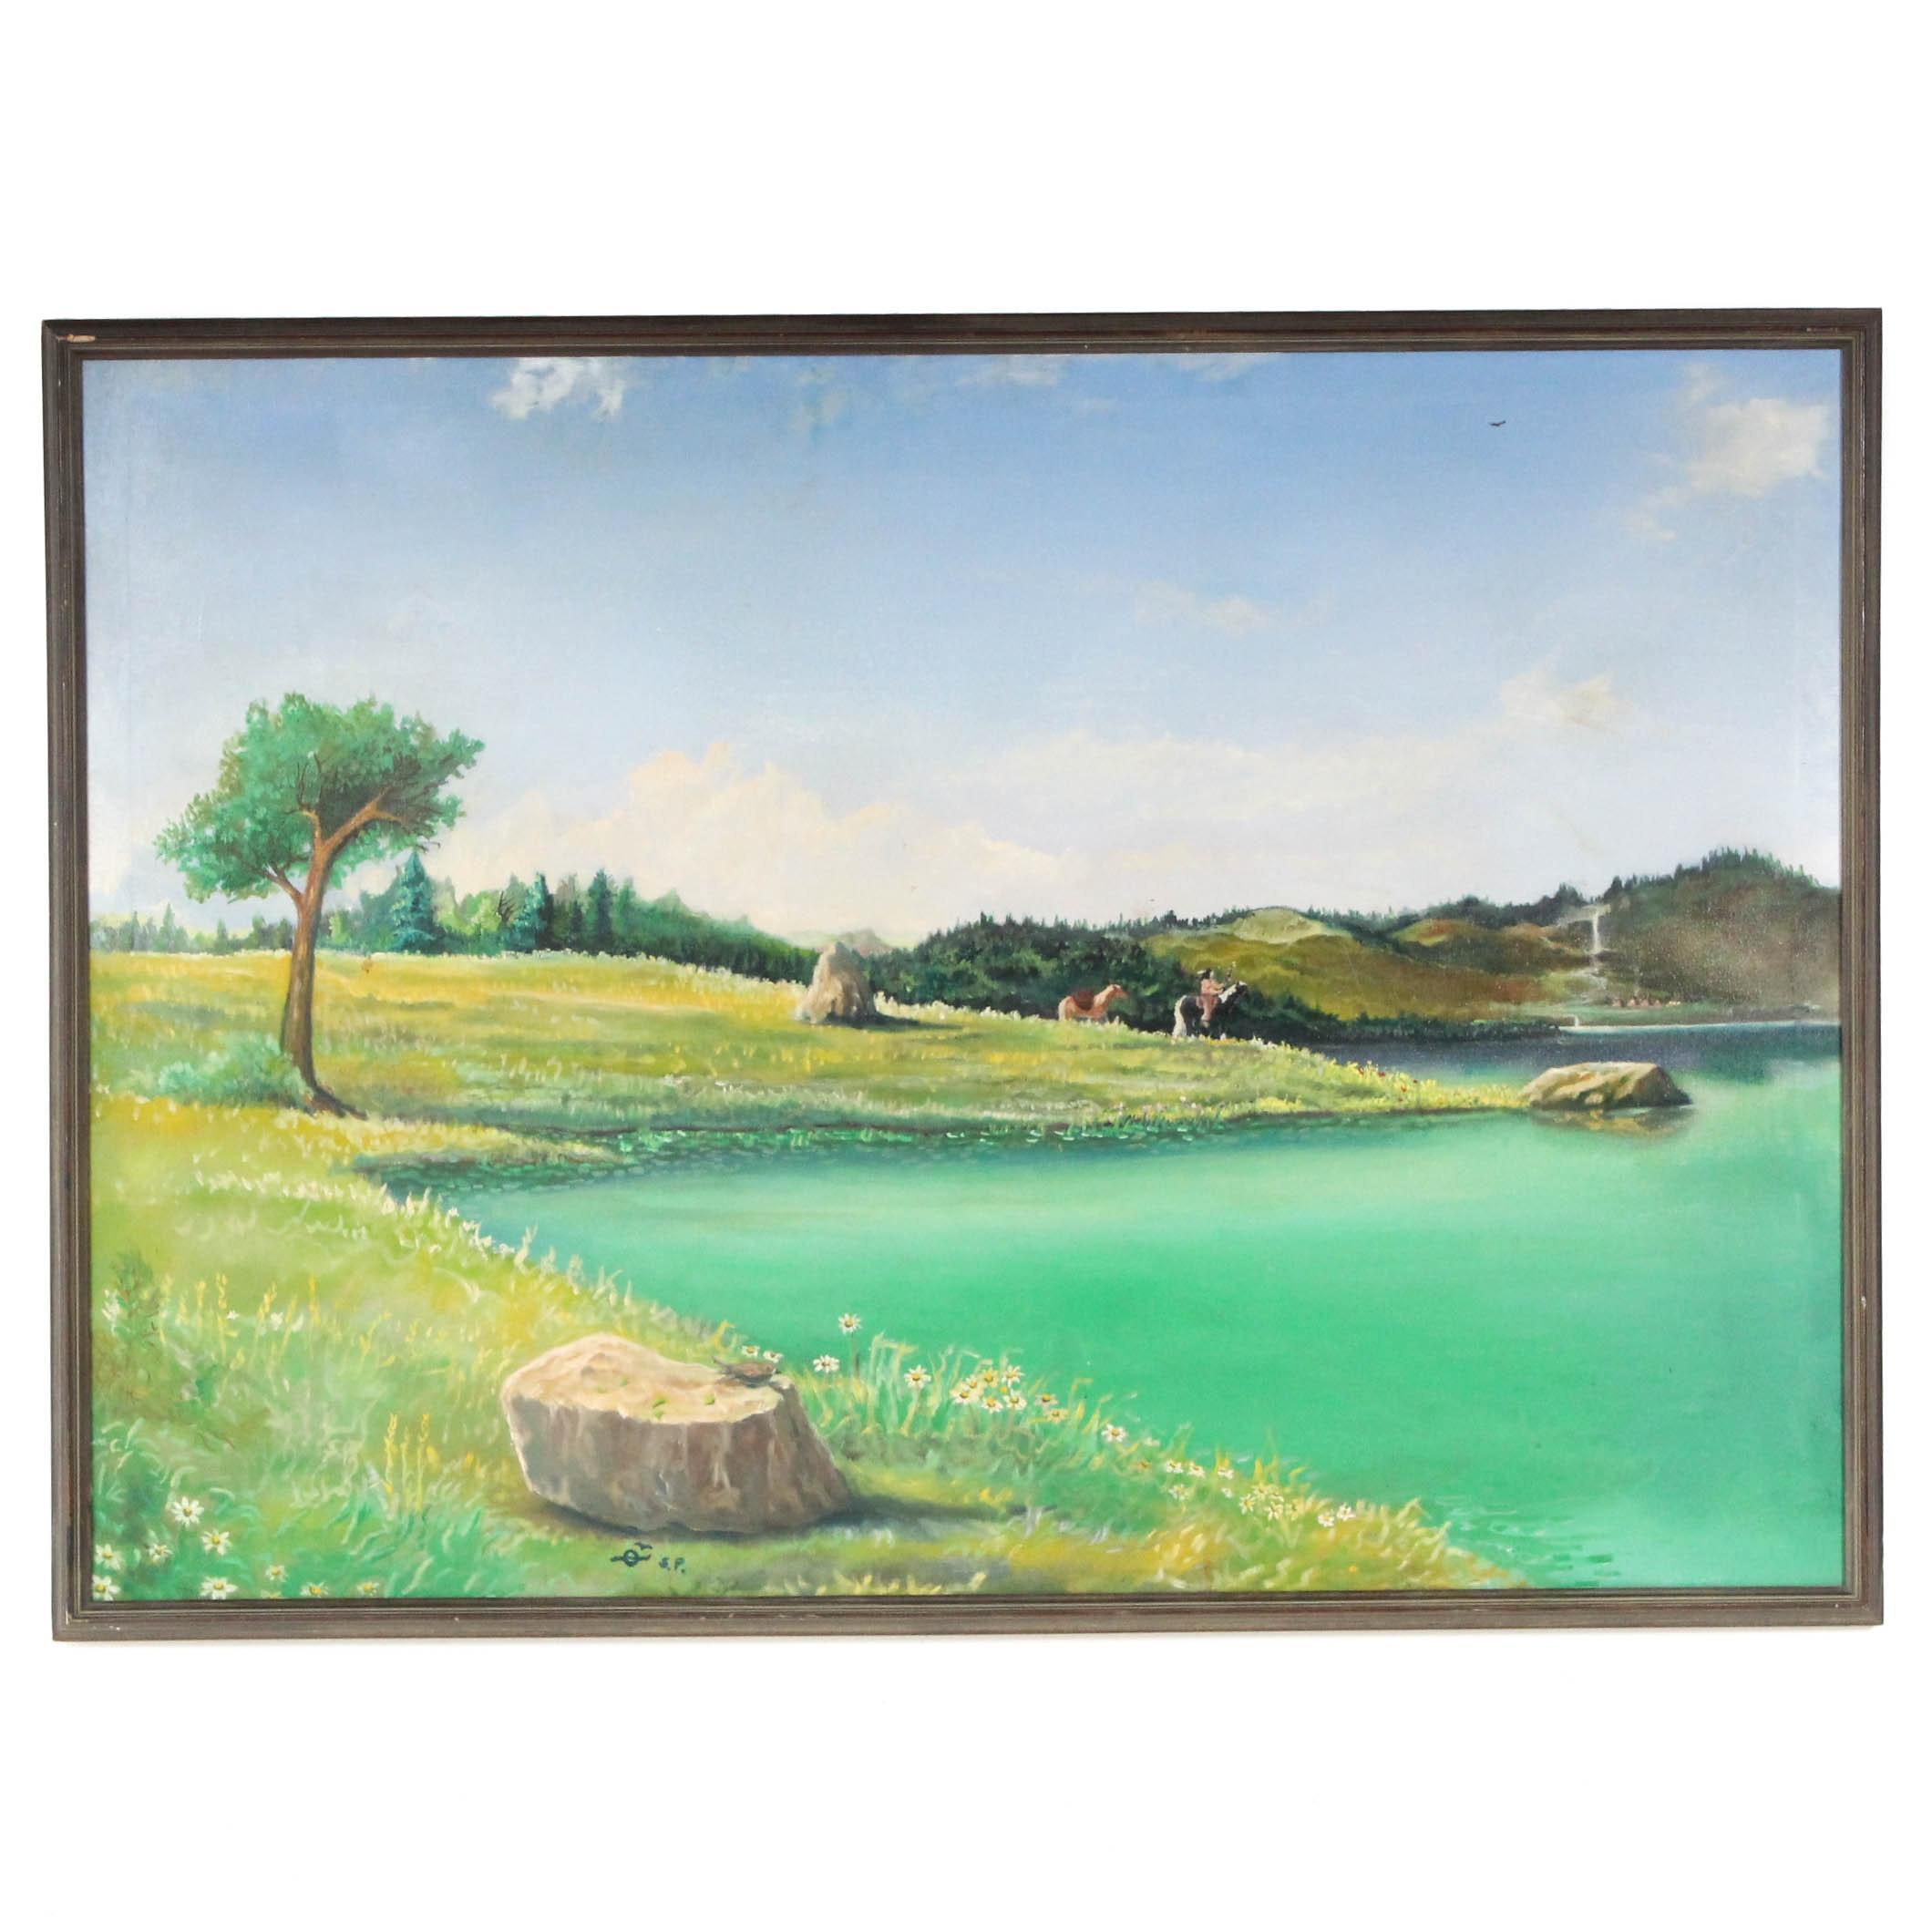 Signed Acrylic Landscape Painting